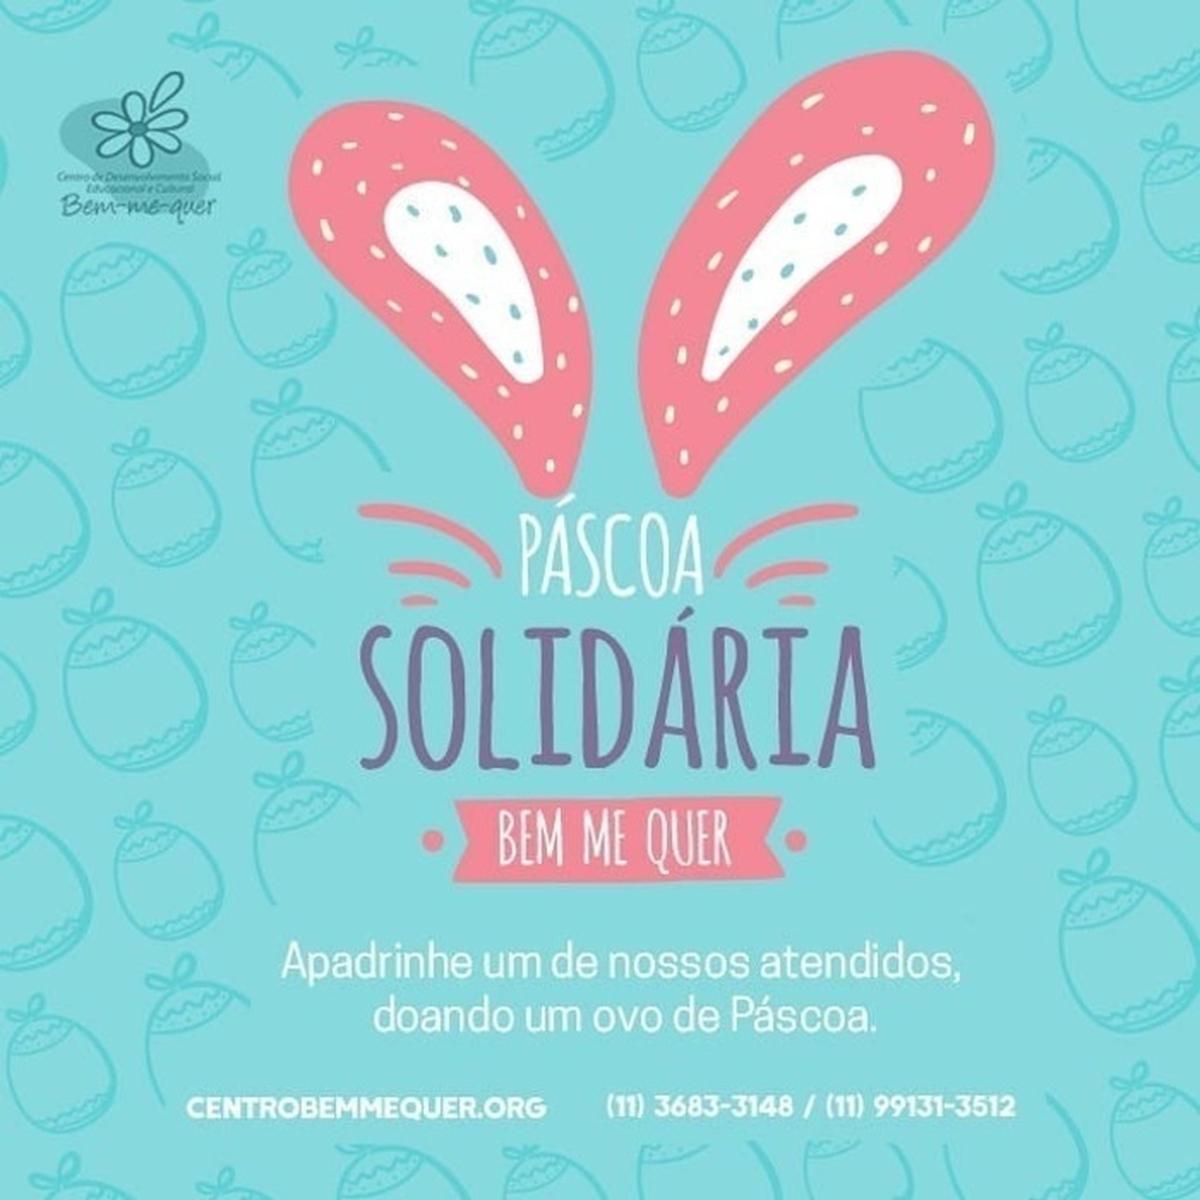 Páscoa Solidária Bem Me Quer - 2019